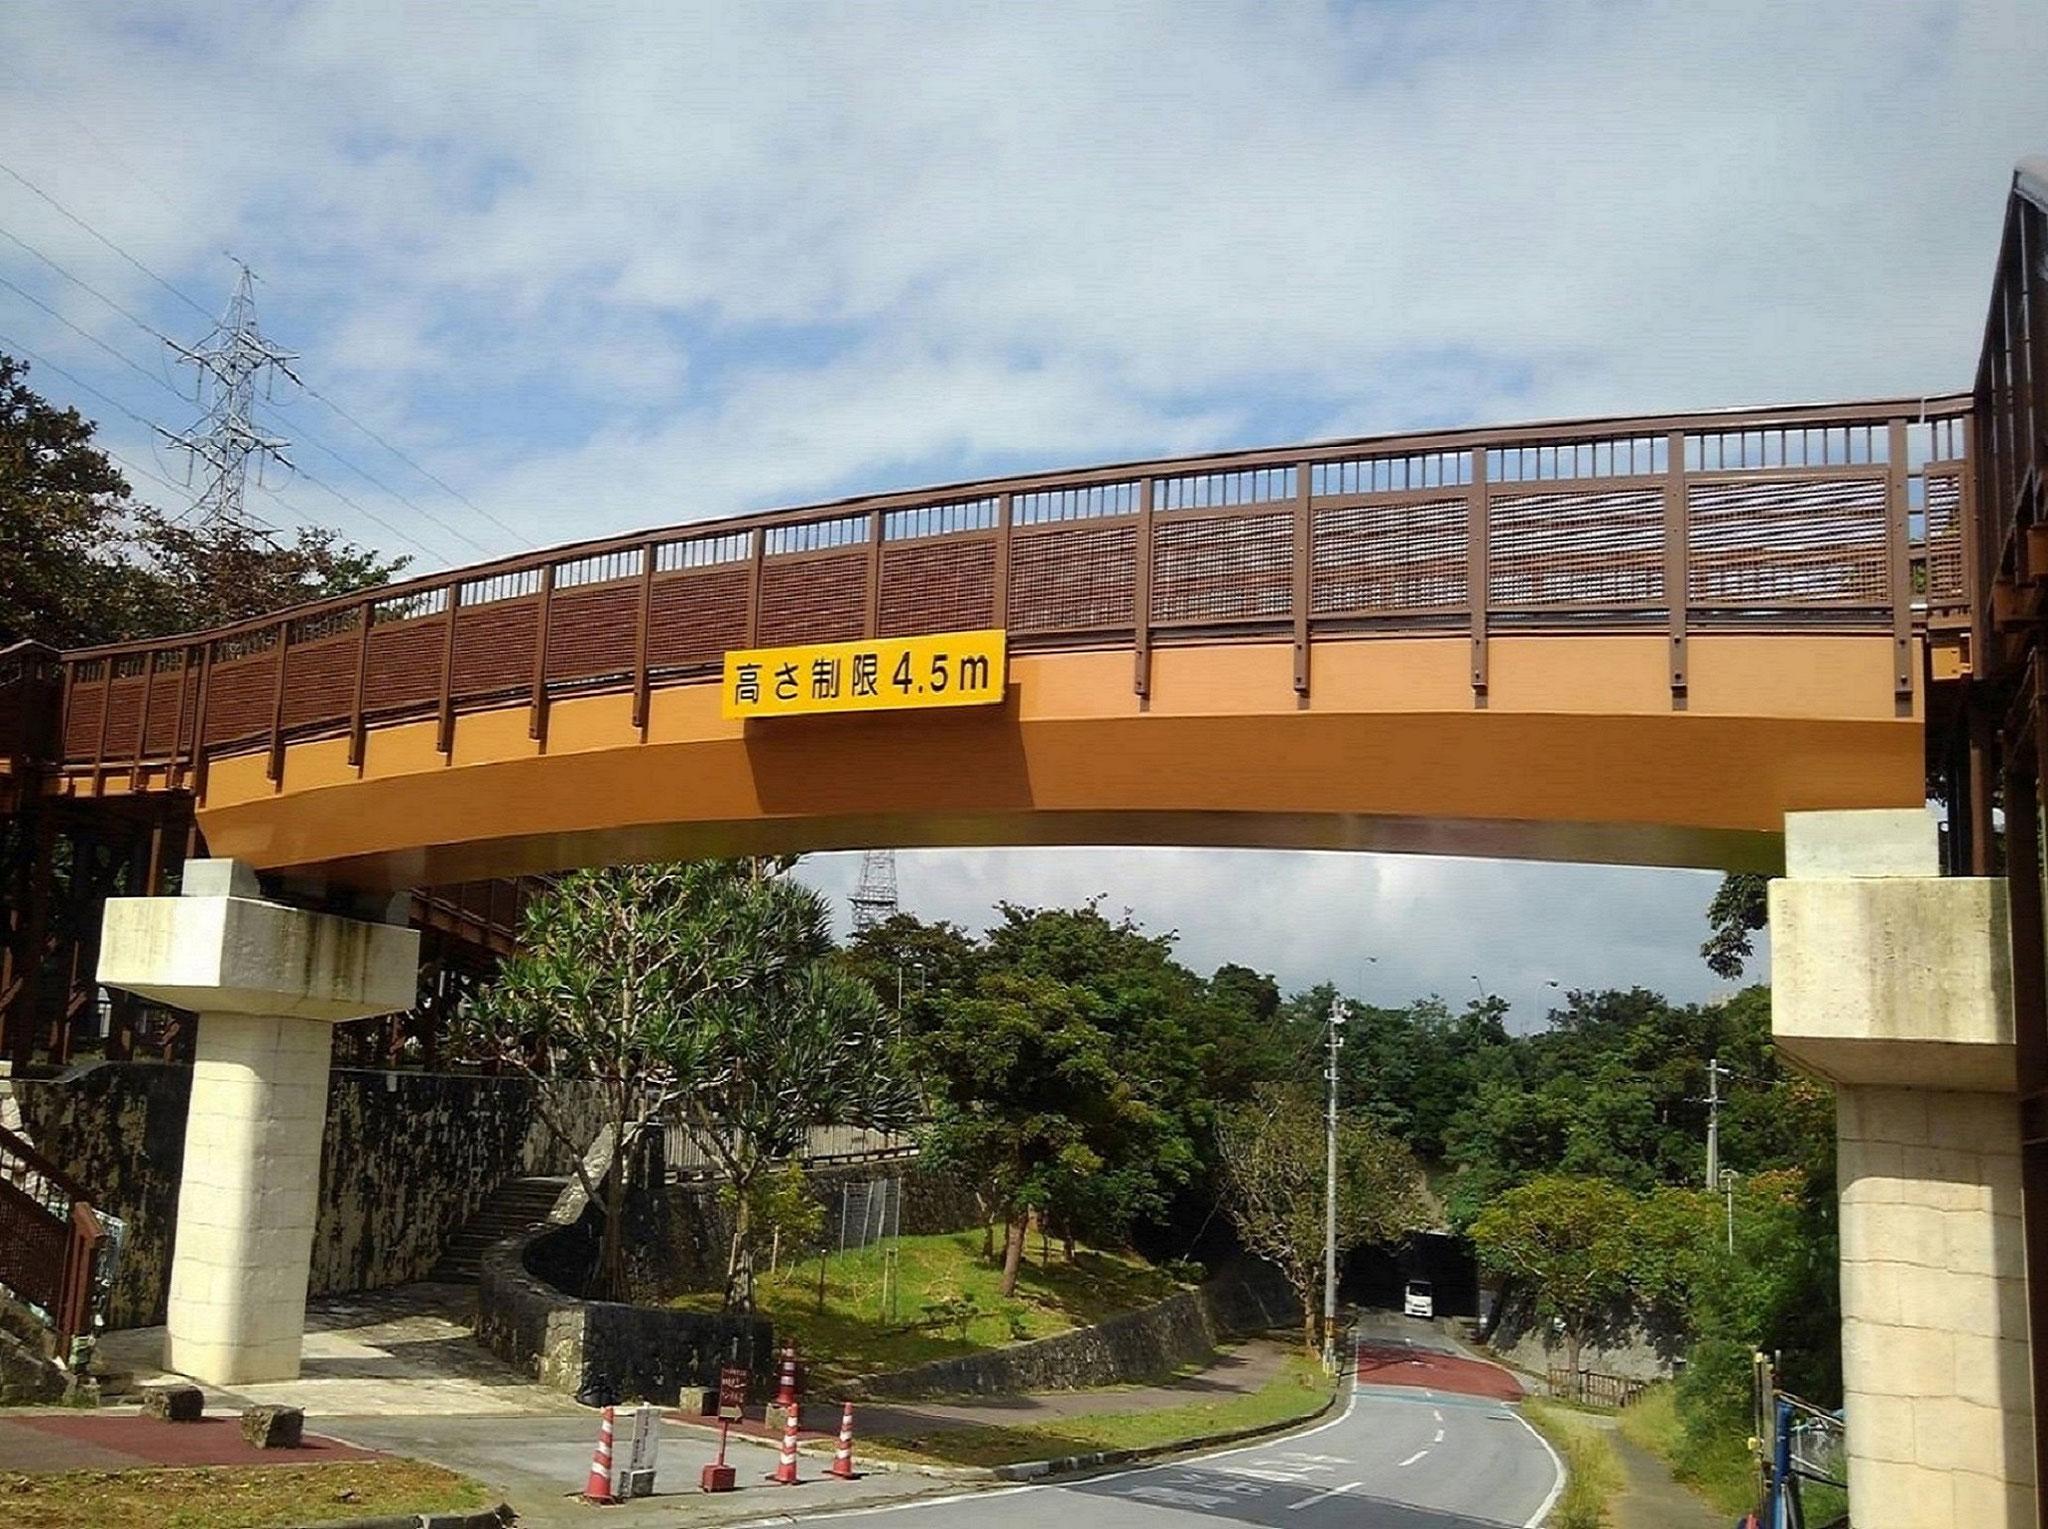 浦添大公園連絡橋(沖縄県浦添市)